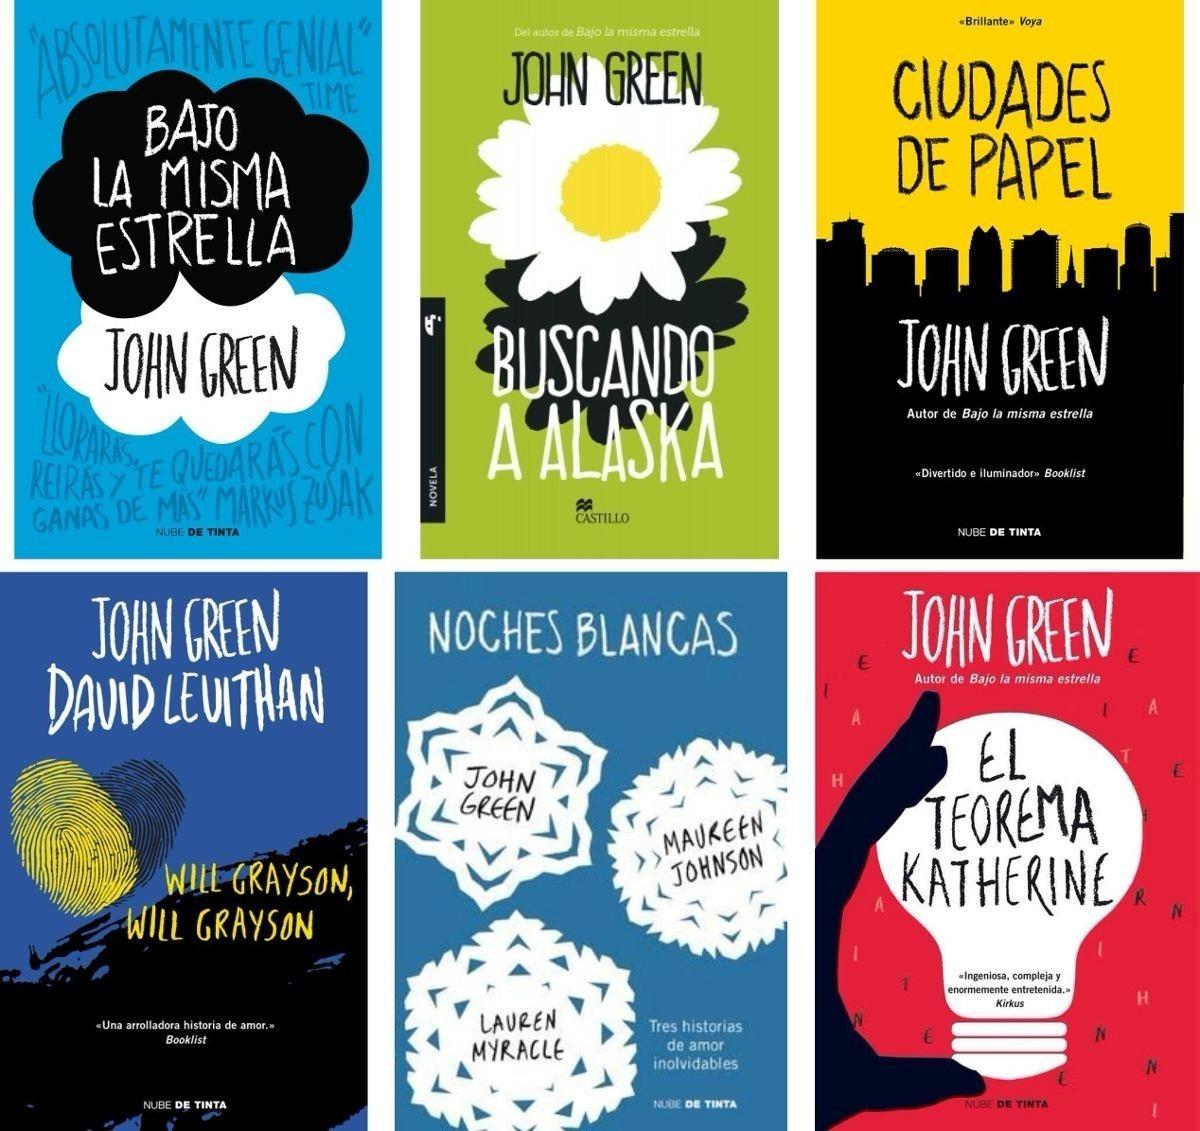 john green libros